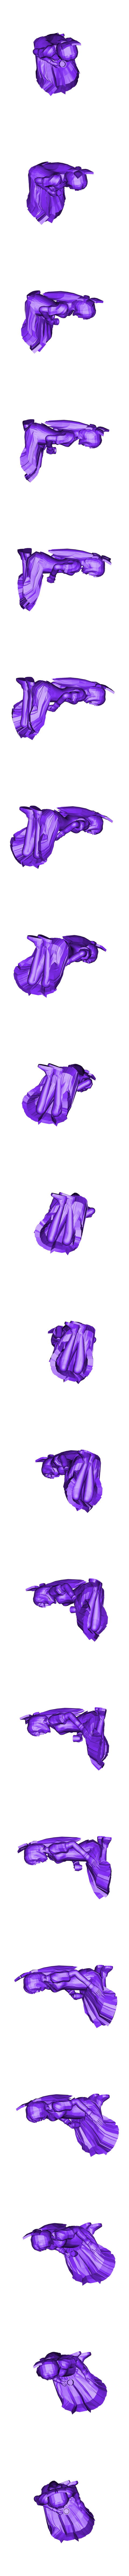 Lilly_holding_tea.stl Télécharger fichier STL gratuit Routes Katawa Shoujo • Modèle à imprimer en 3D, sh0rt_stak